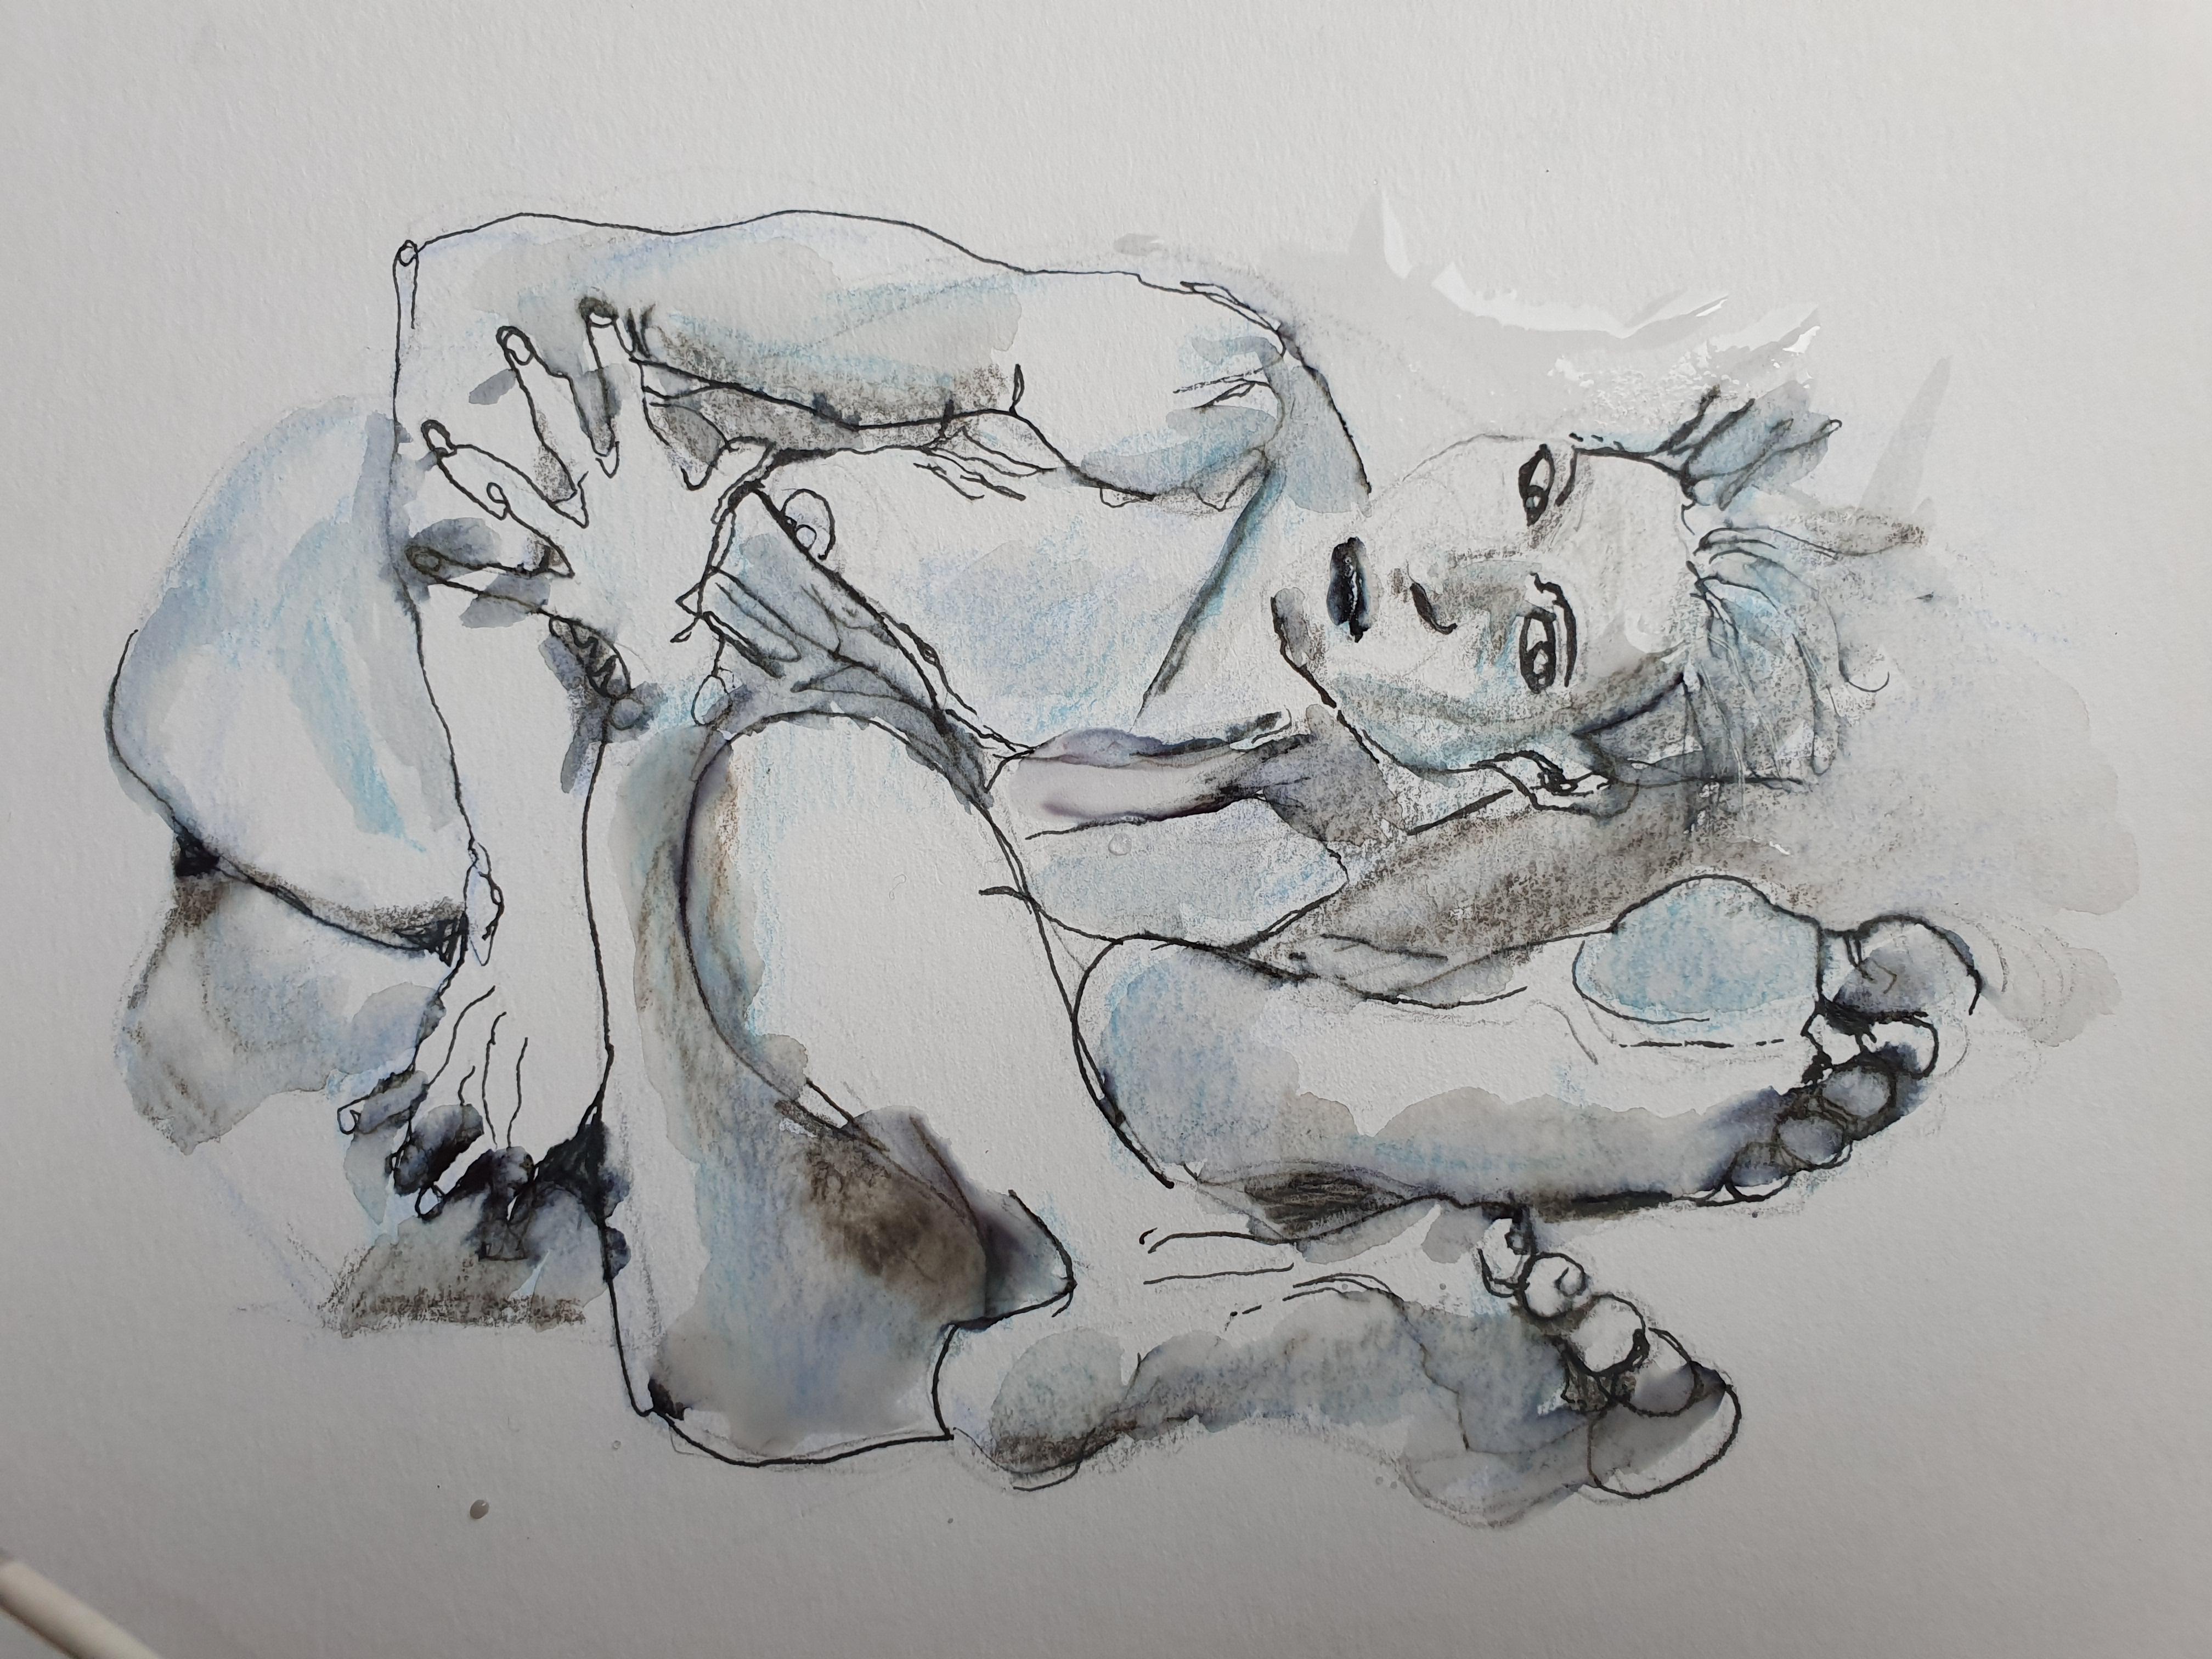 Dessins � la plume et � l'aquarelle  cours de dessin